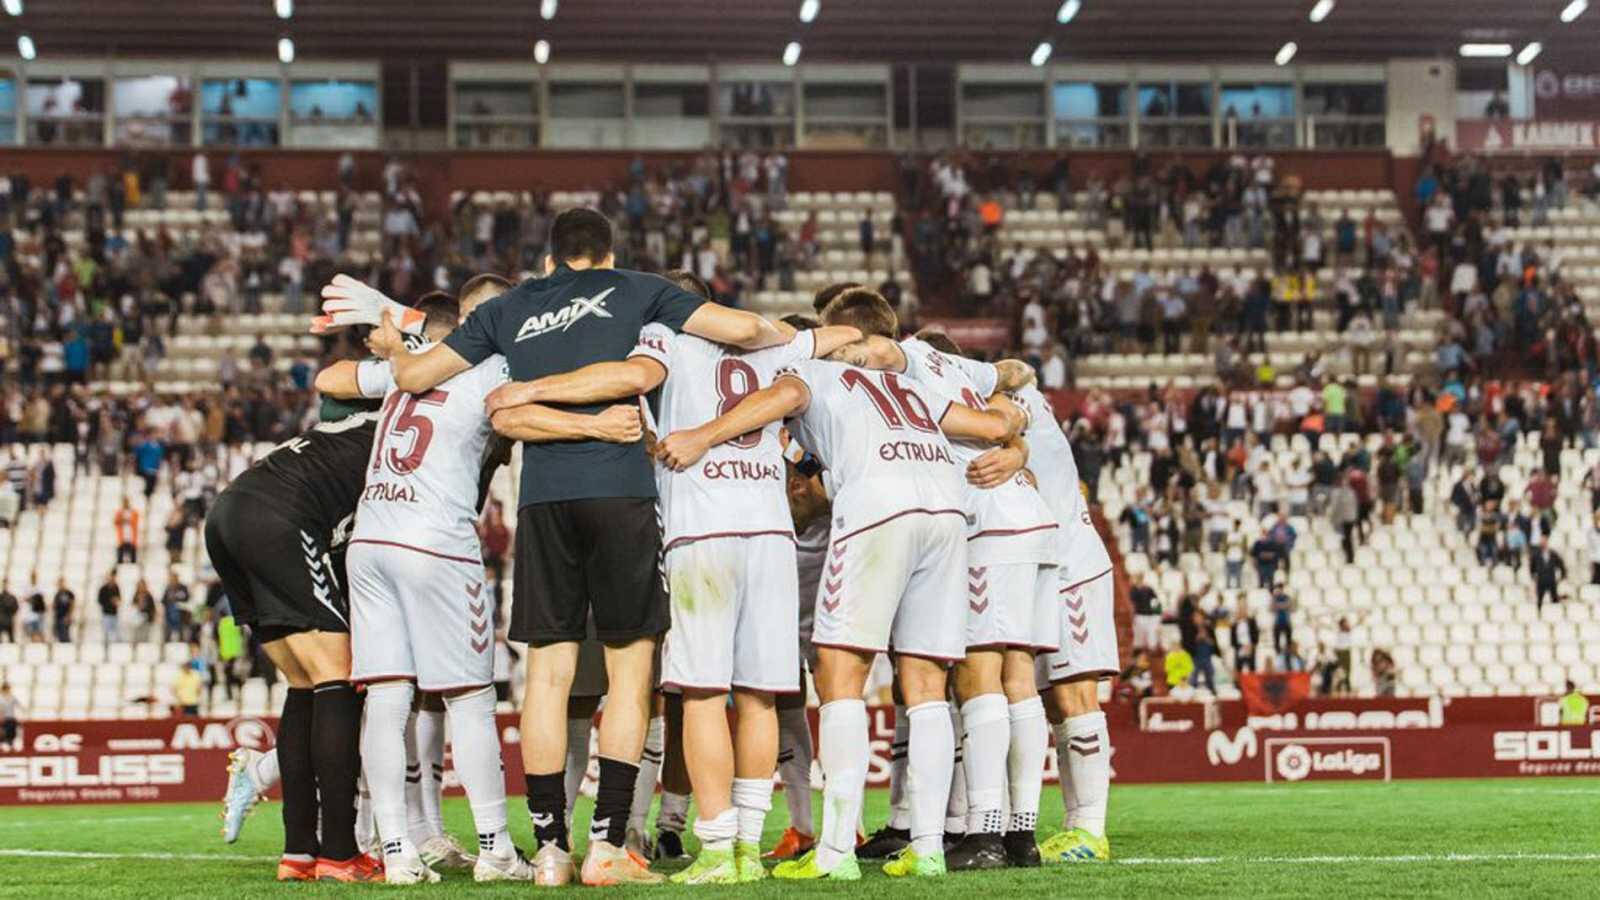 El Rayo-Albacete, de Segunda División, suspendido por los insultos de la grada contra Zozulya